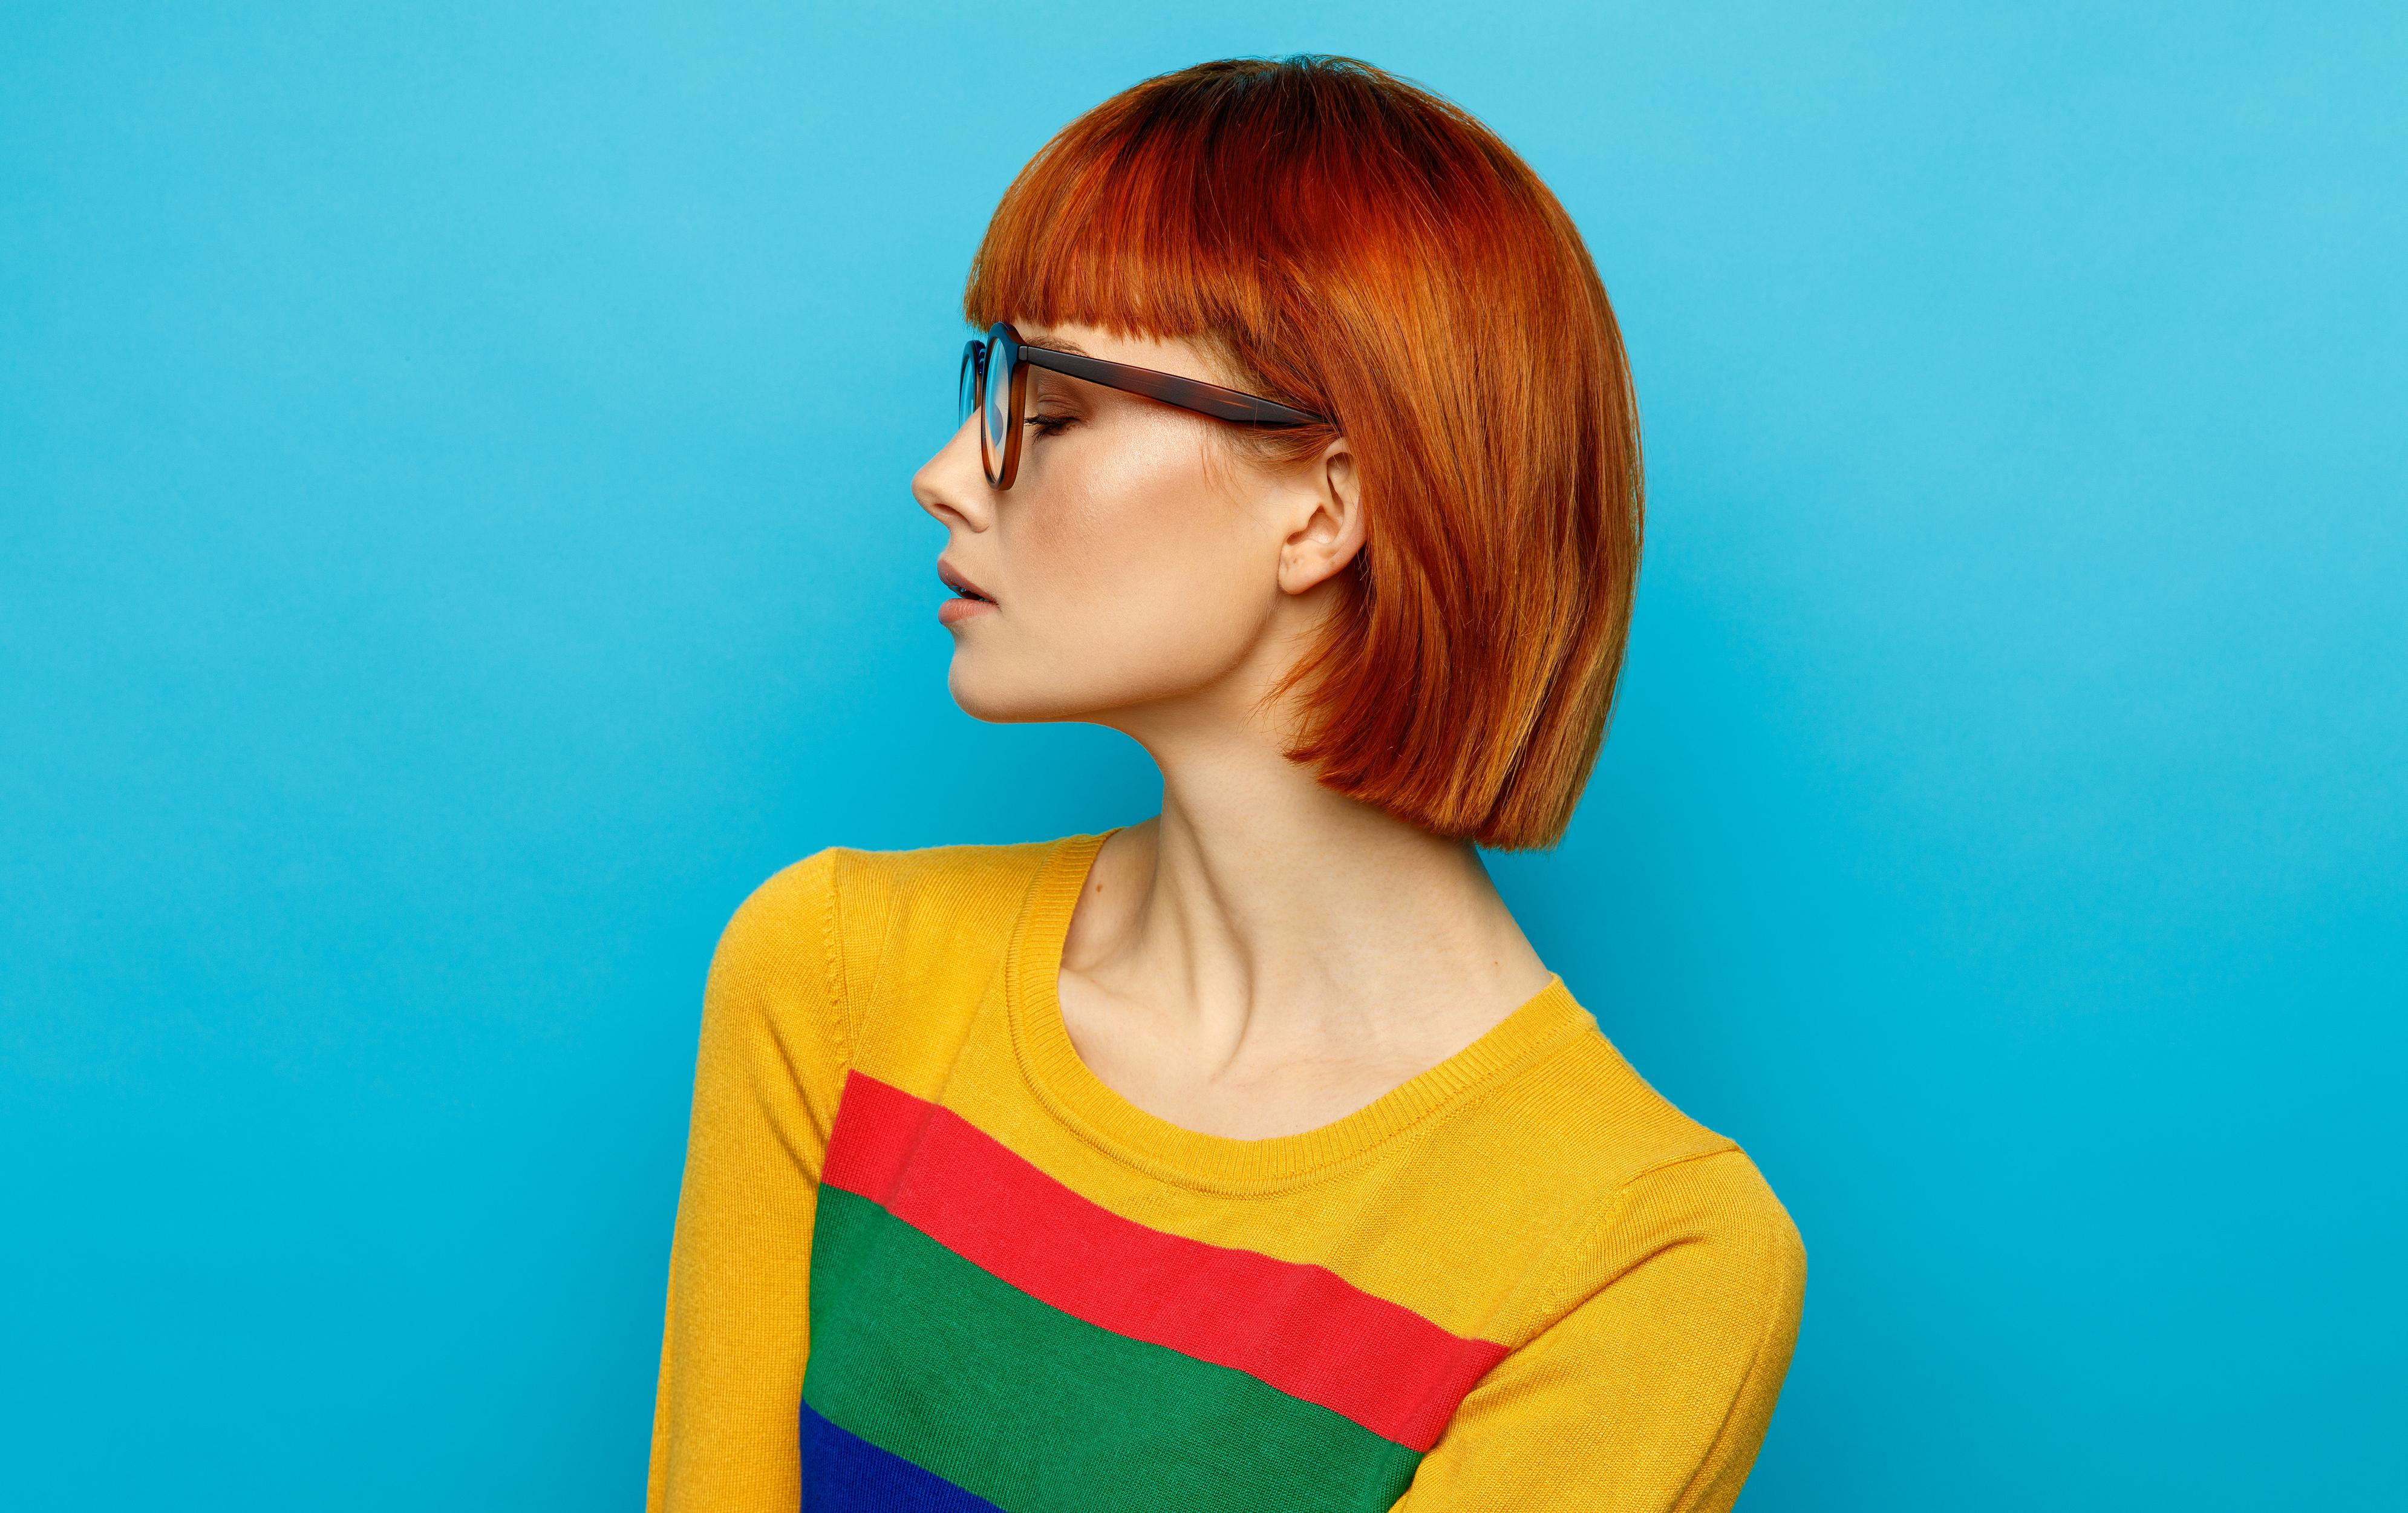 как перекрасить рыжий цвет волос